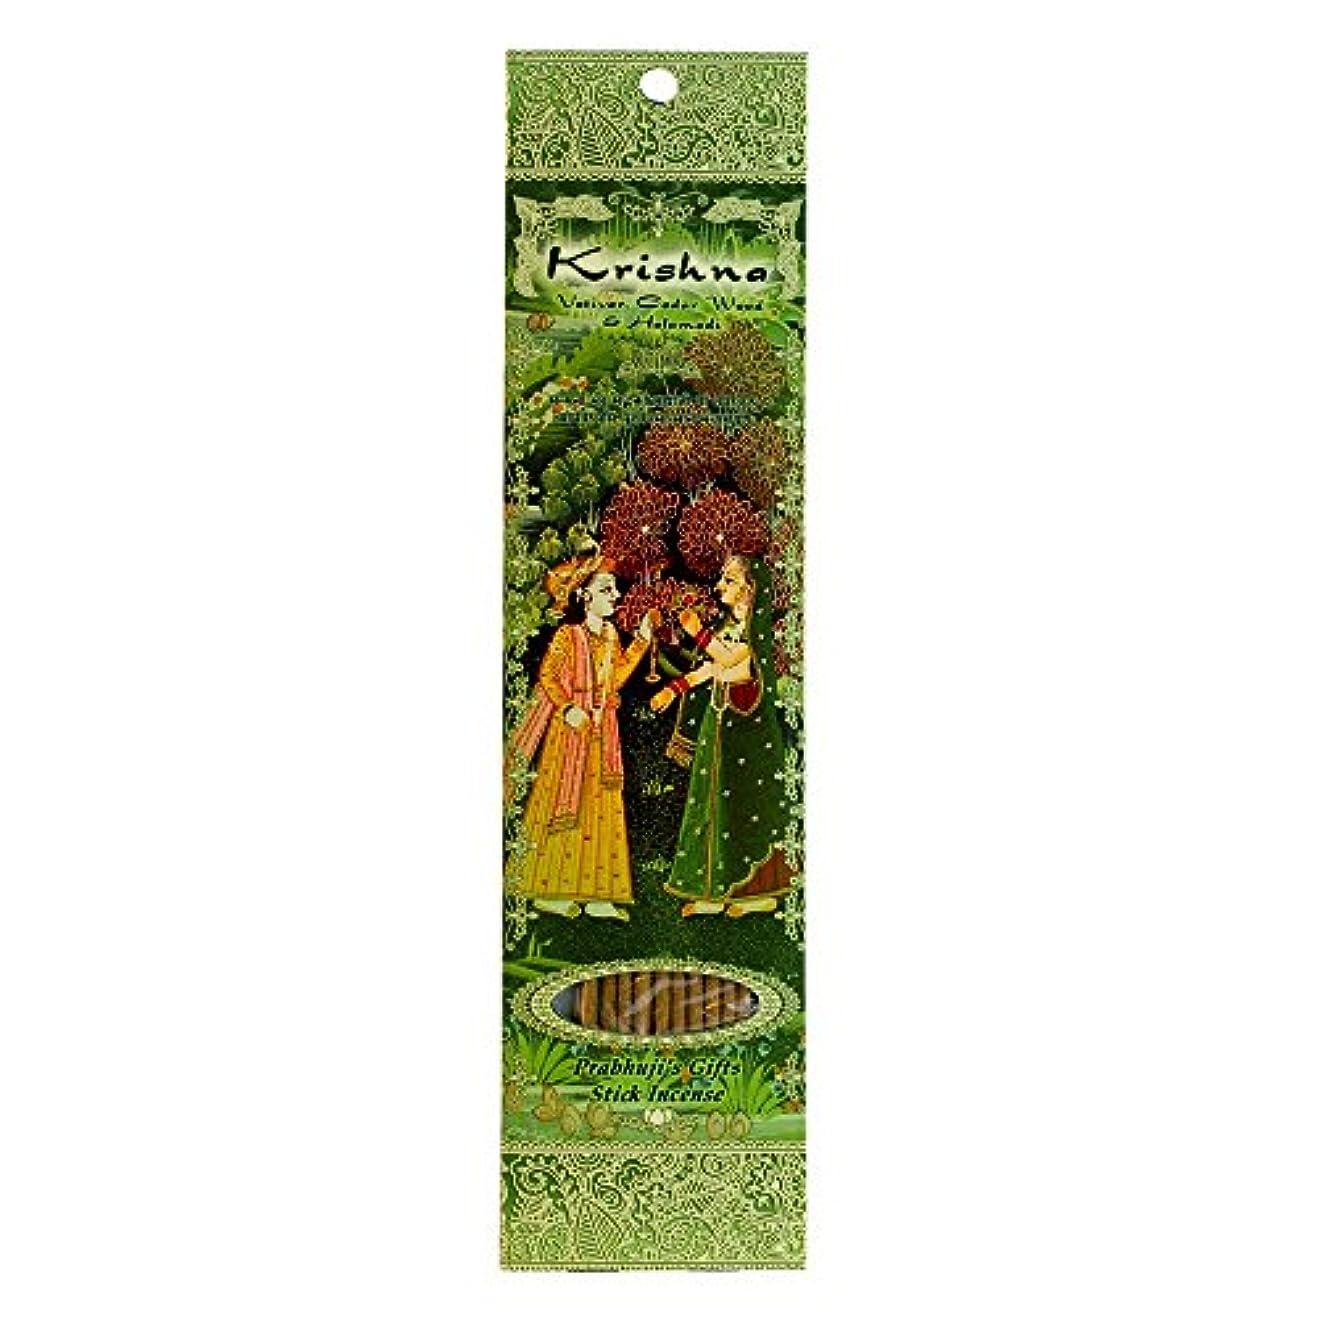 トリッキーご近所動物(Krishna, 1) - Ramakrishna Incense Sticks, Krishna, Vetiver, Cedar wood & Halamadi, Single Pack